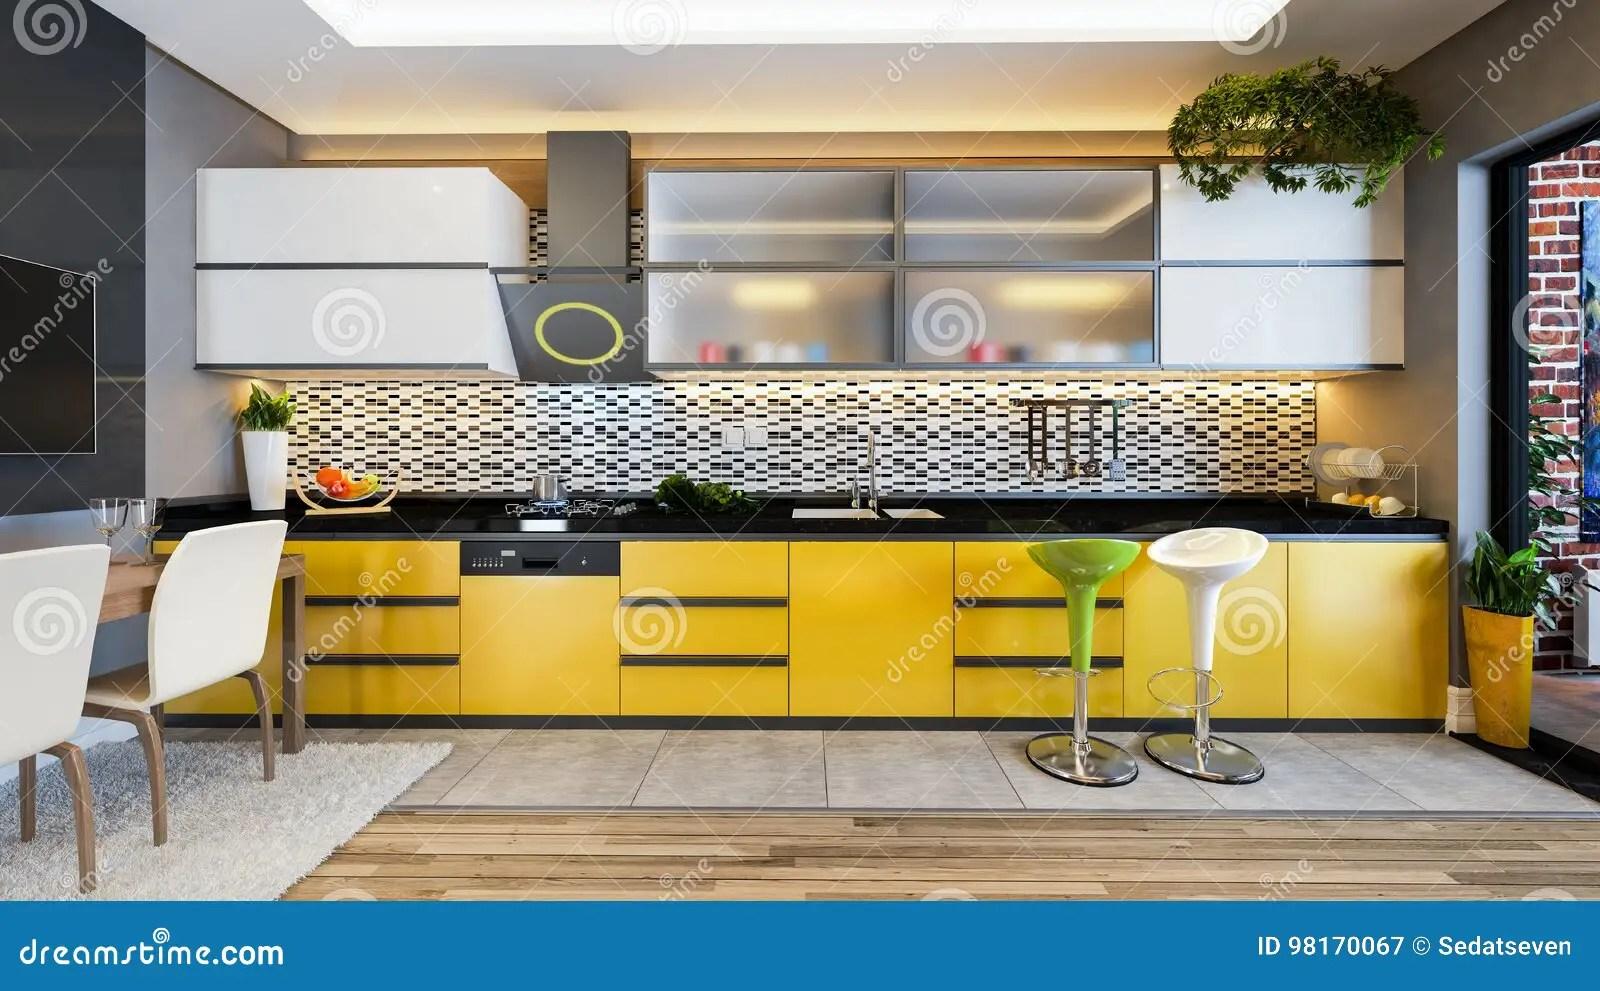 kitchen decor yellow island made out of dresser 黄色颜色厨房设计装饰想法库存例证 插画包括有方便 旅馆 果子 家具 黄色颜色厨房设计装饰想法